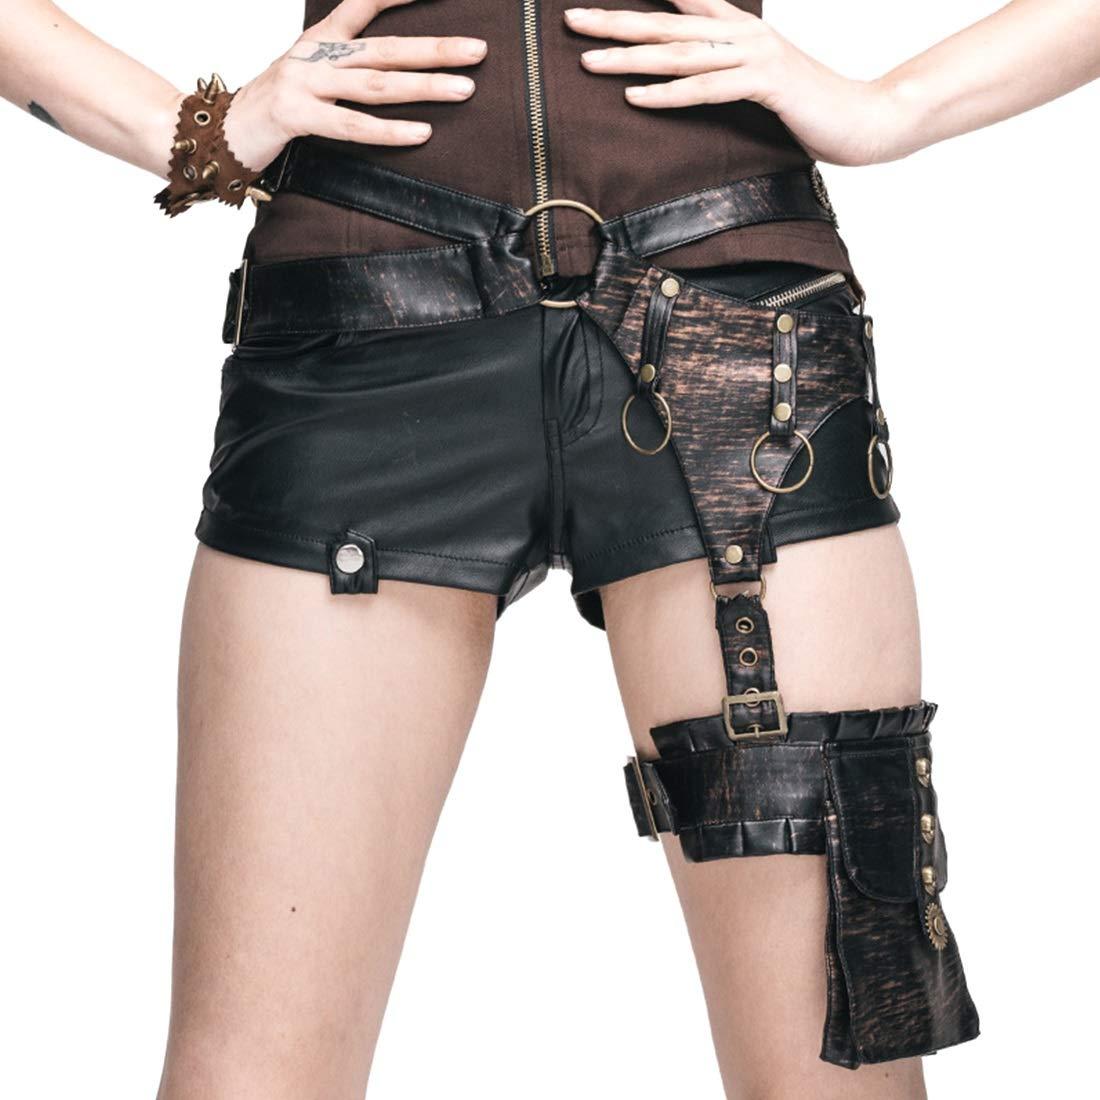 MINGANGSAYONE Steam Punk Leder Saum Saum Tasche und Ausrüstung verziert gotischen Motorrad Oberschenkel Ledertasche für Frauen (Farbe : Style1)